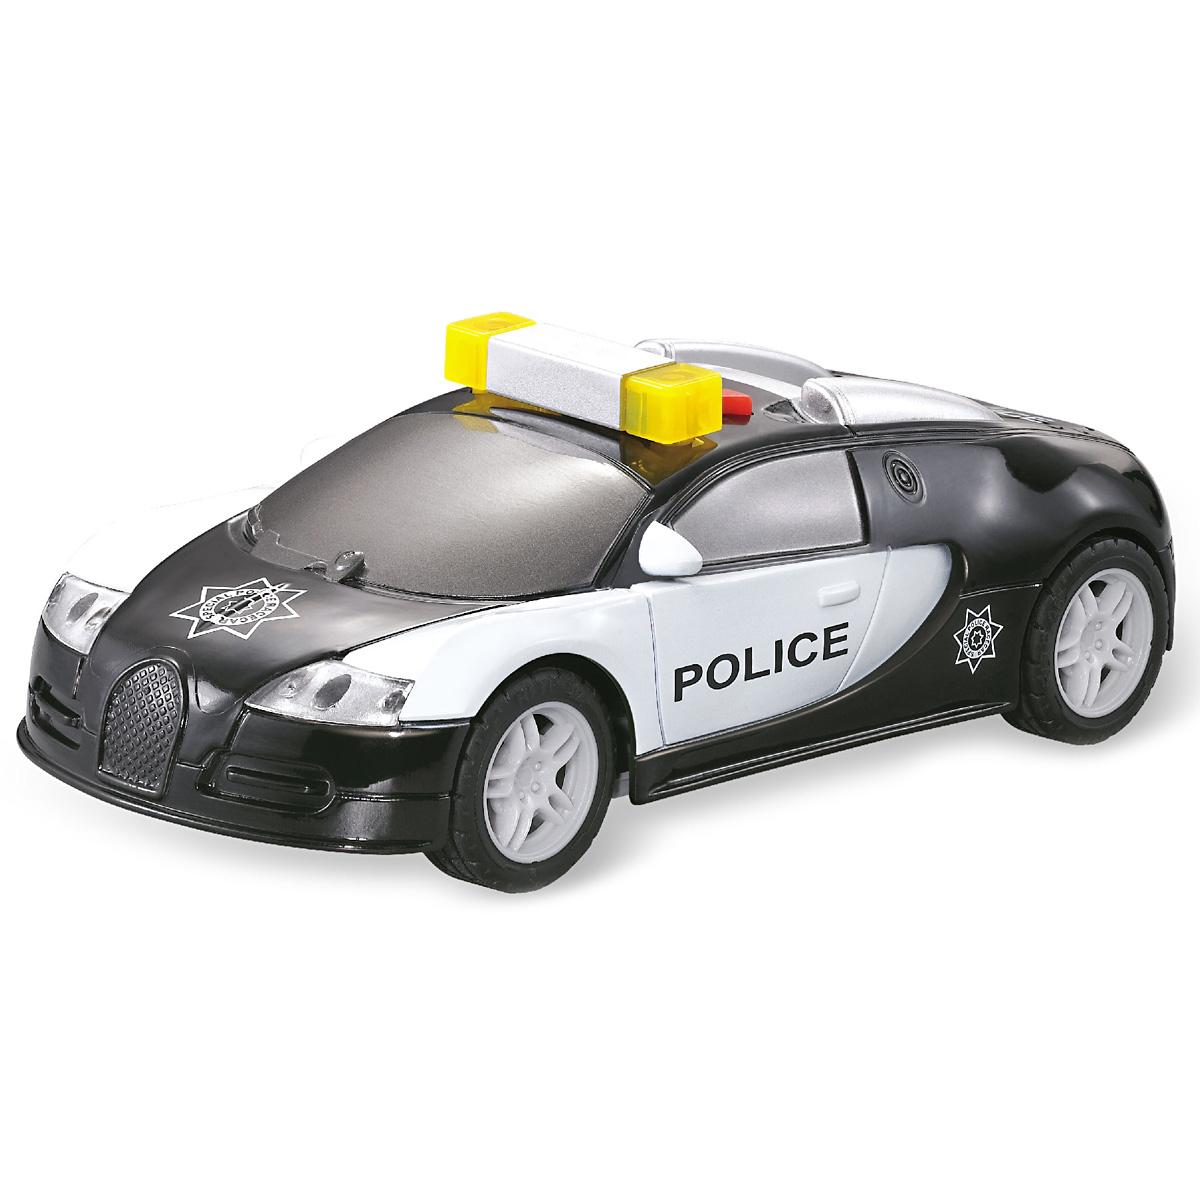 Drift Машинка Спецтехника Police drift машинка спецтехника city crane